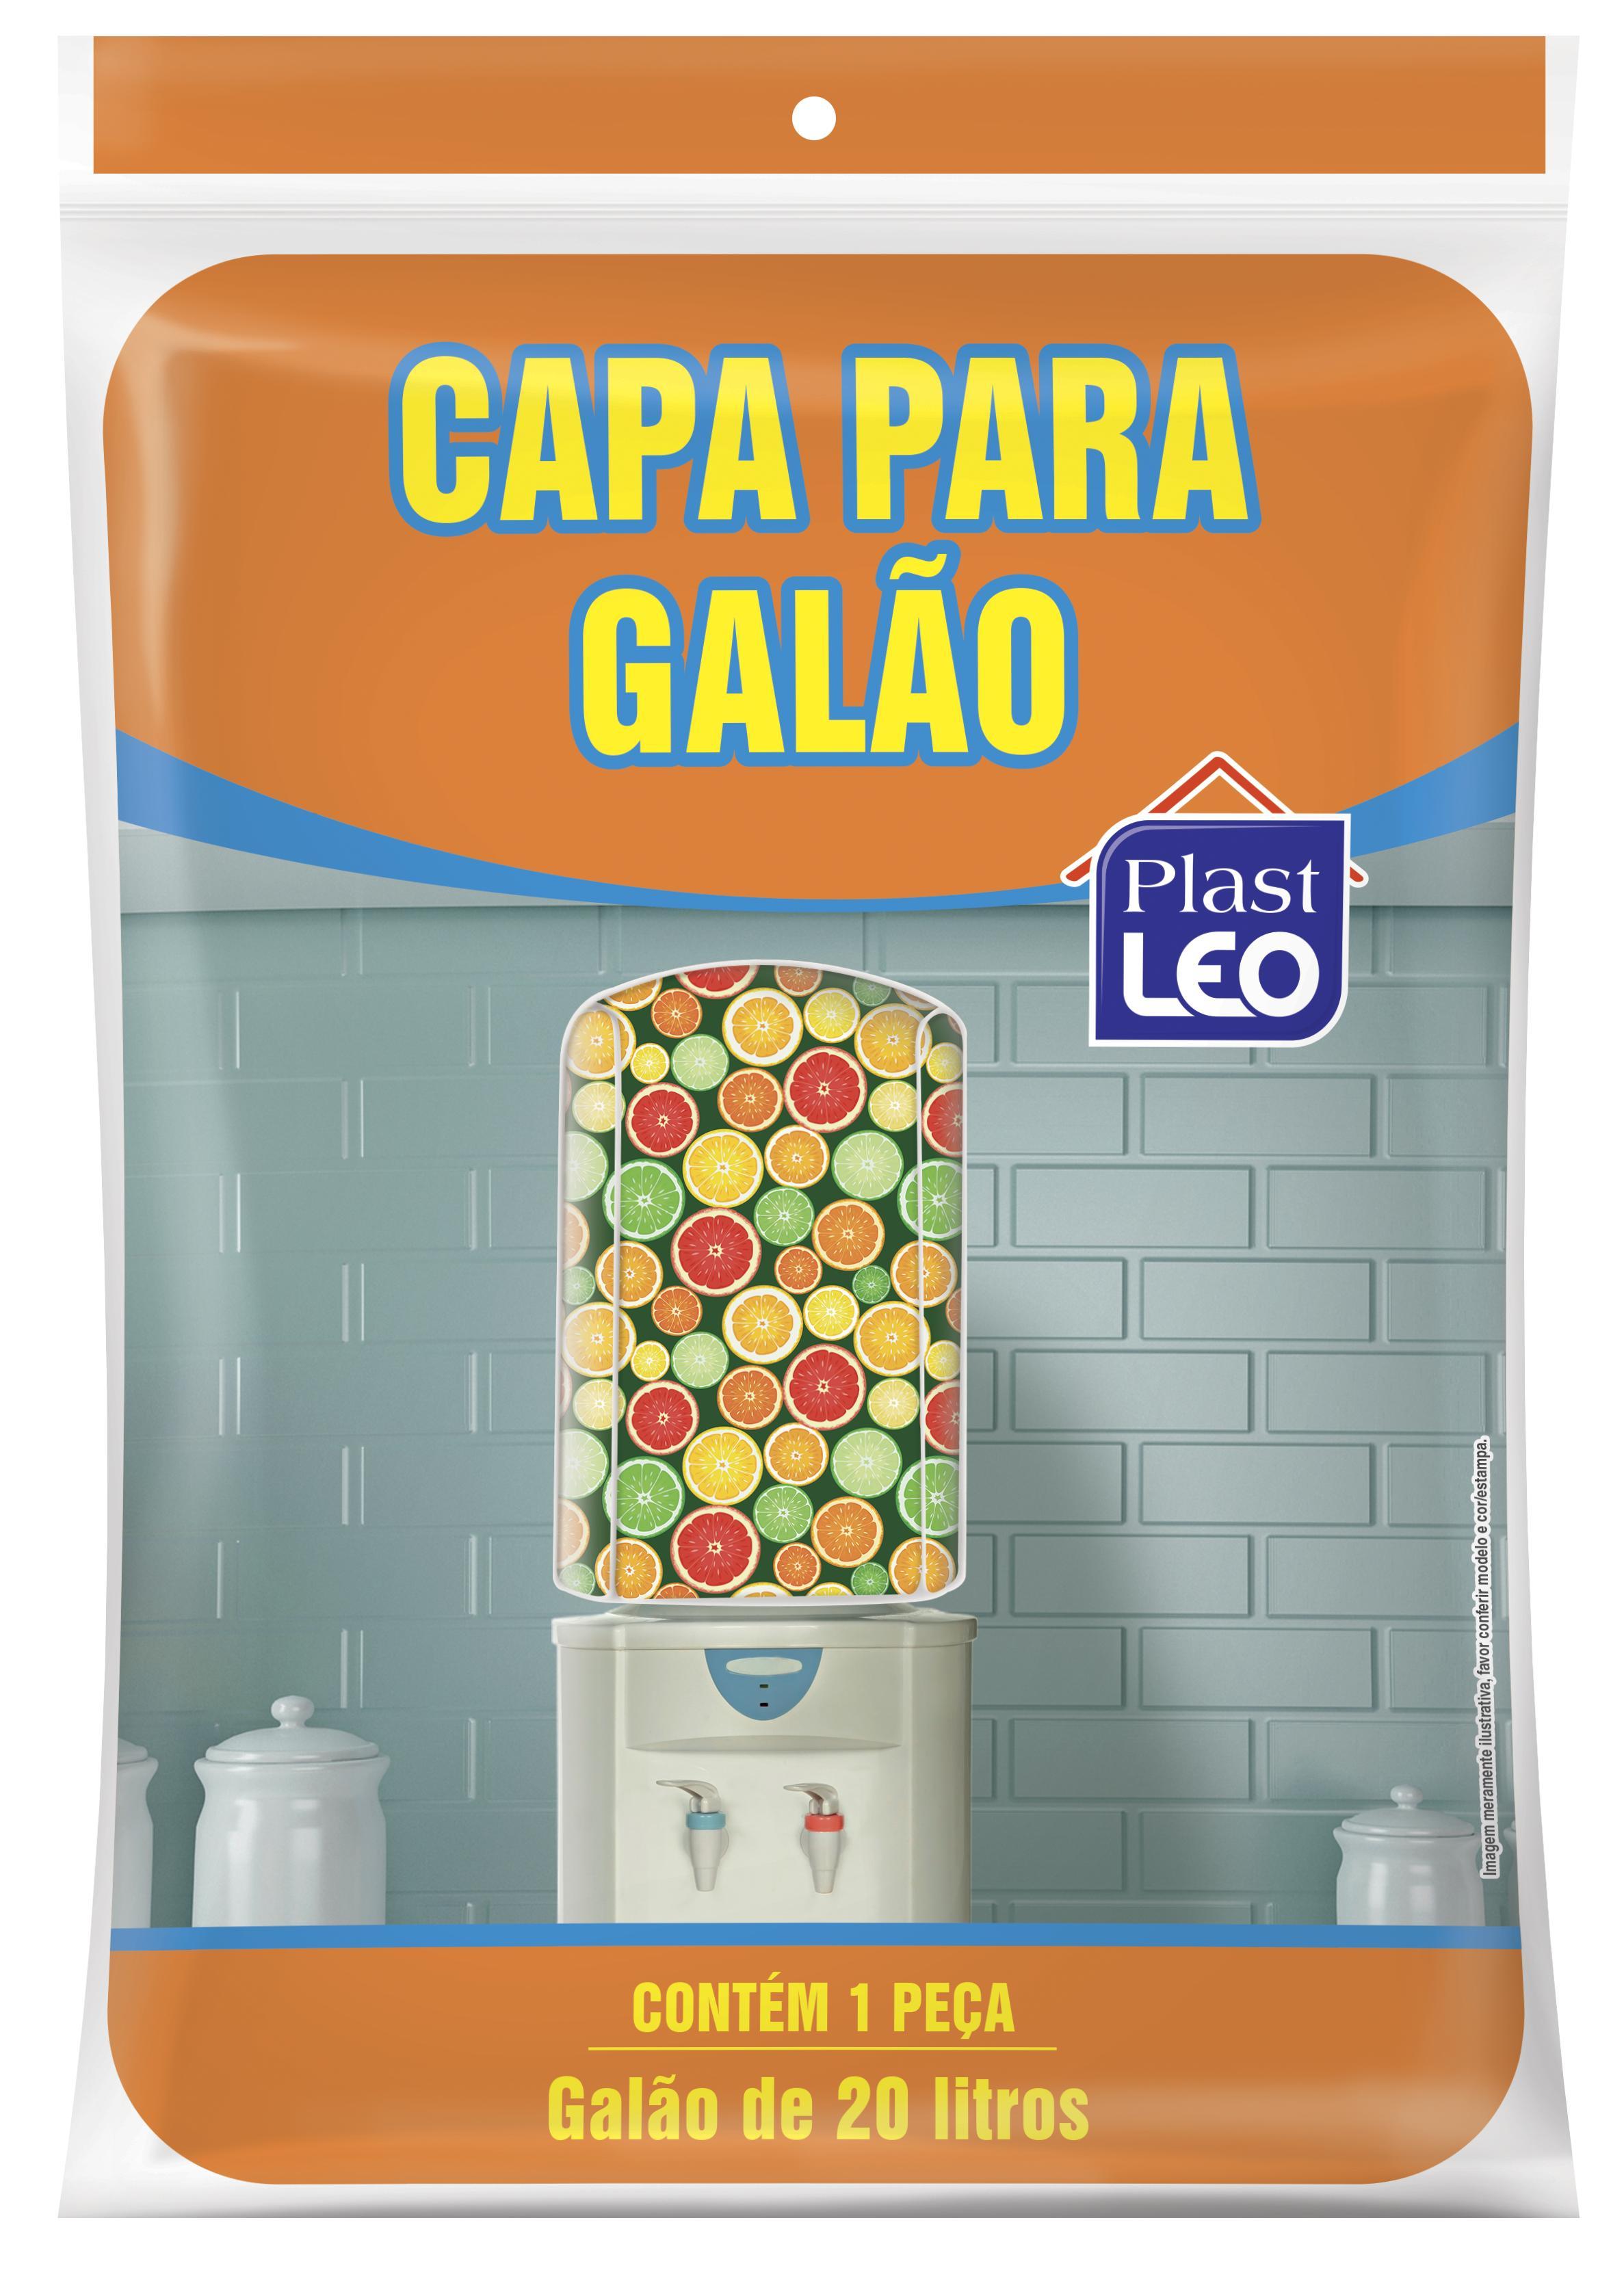 CAPA PARA GALAO DE AGUA 20LT